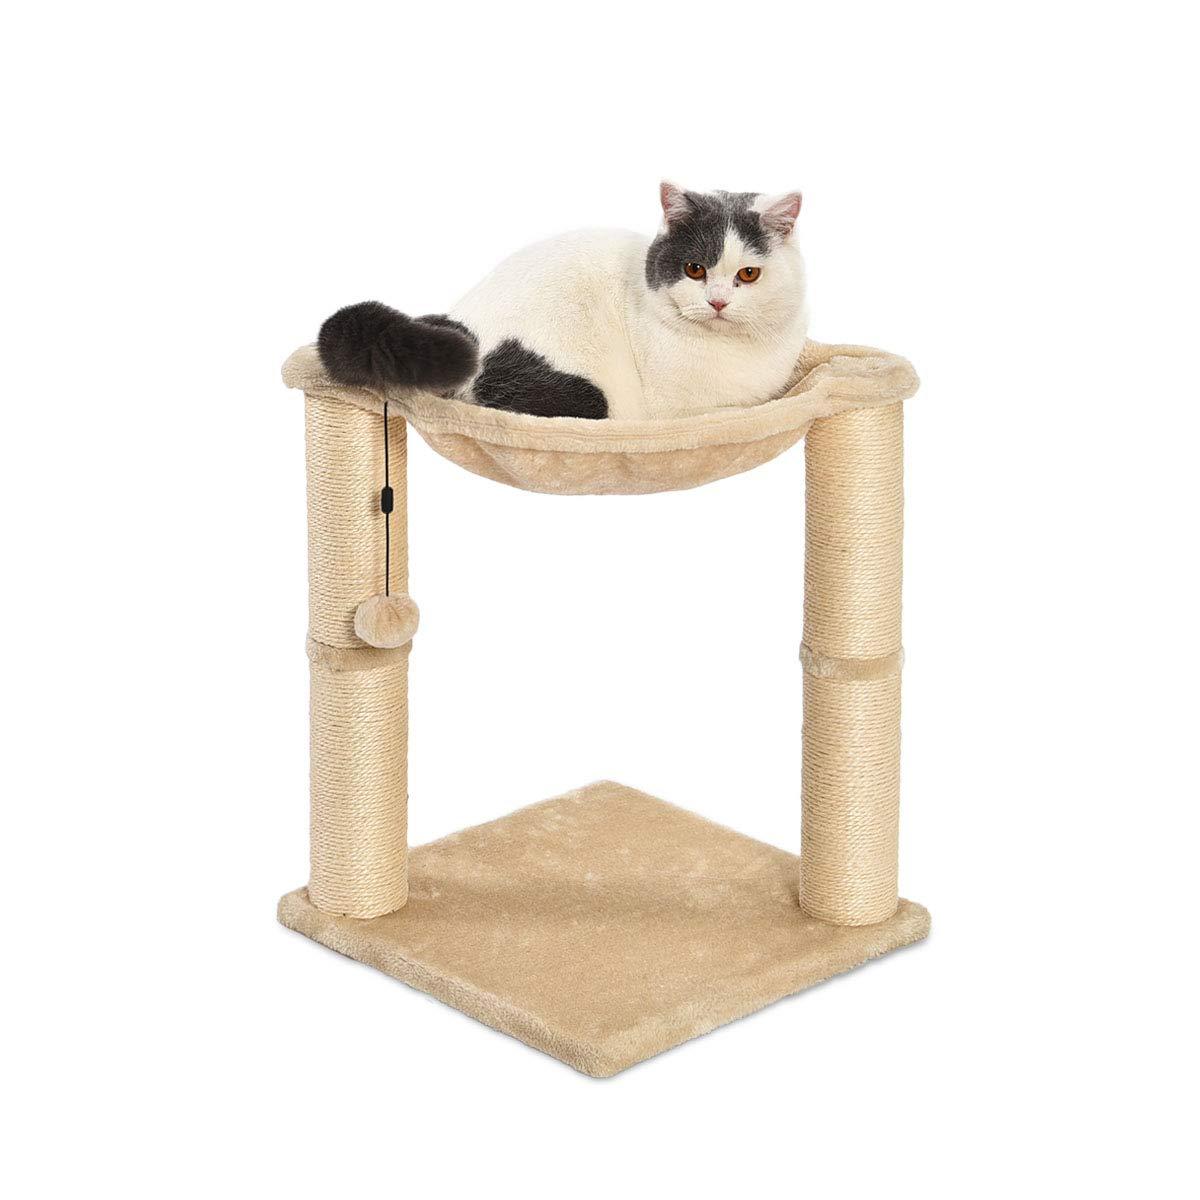 Las mejores hamacas para gatos de 2019 (Guía y análisis) 1